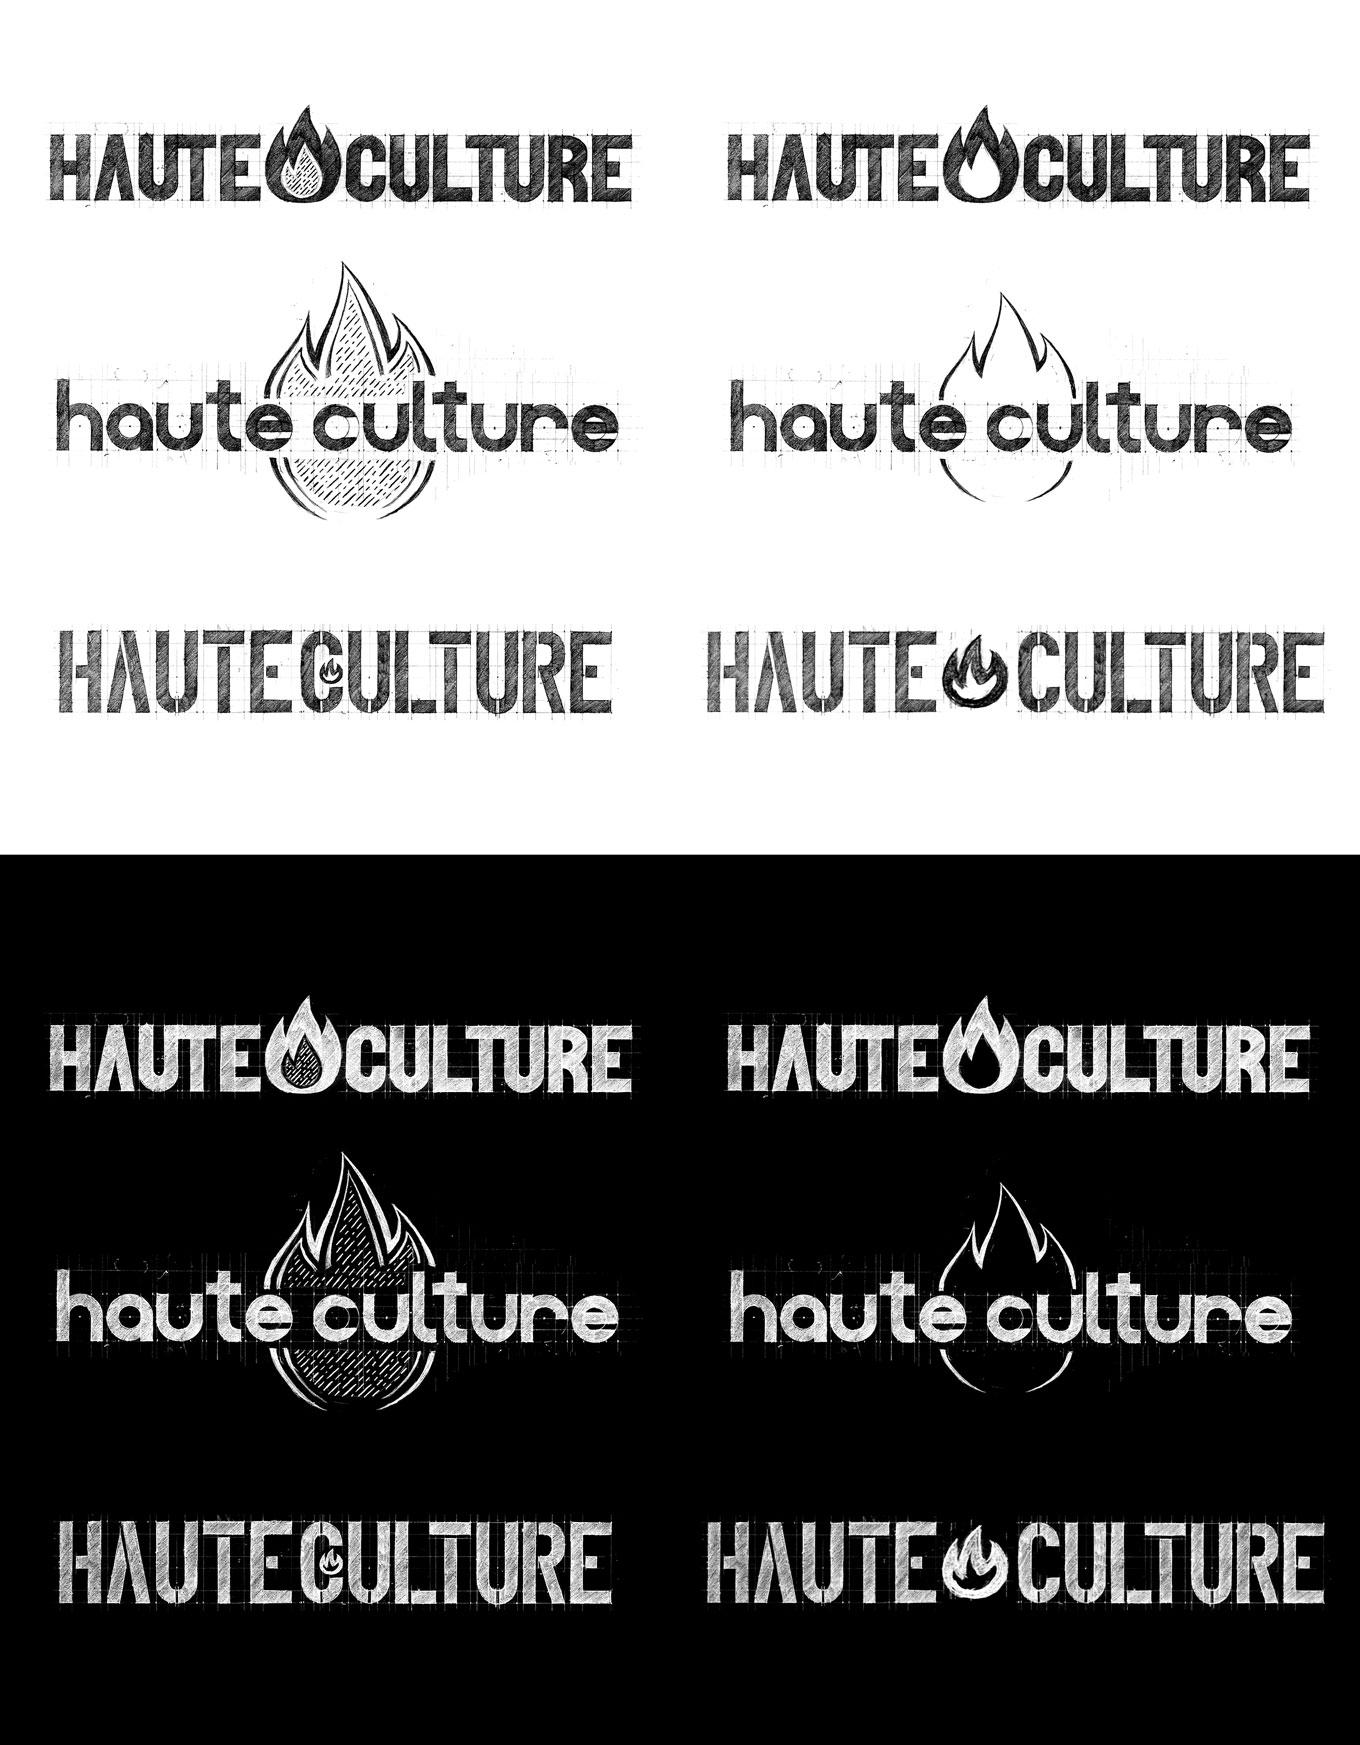 flowhynot-florent-beaufils-graphiste-illustrateur-typographe-haute-culture